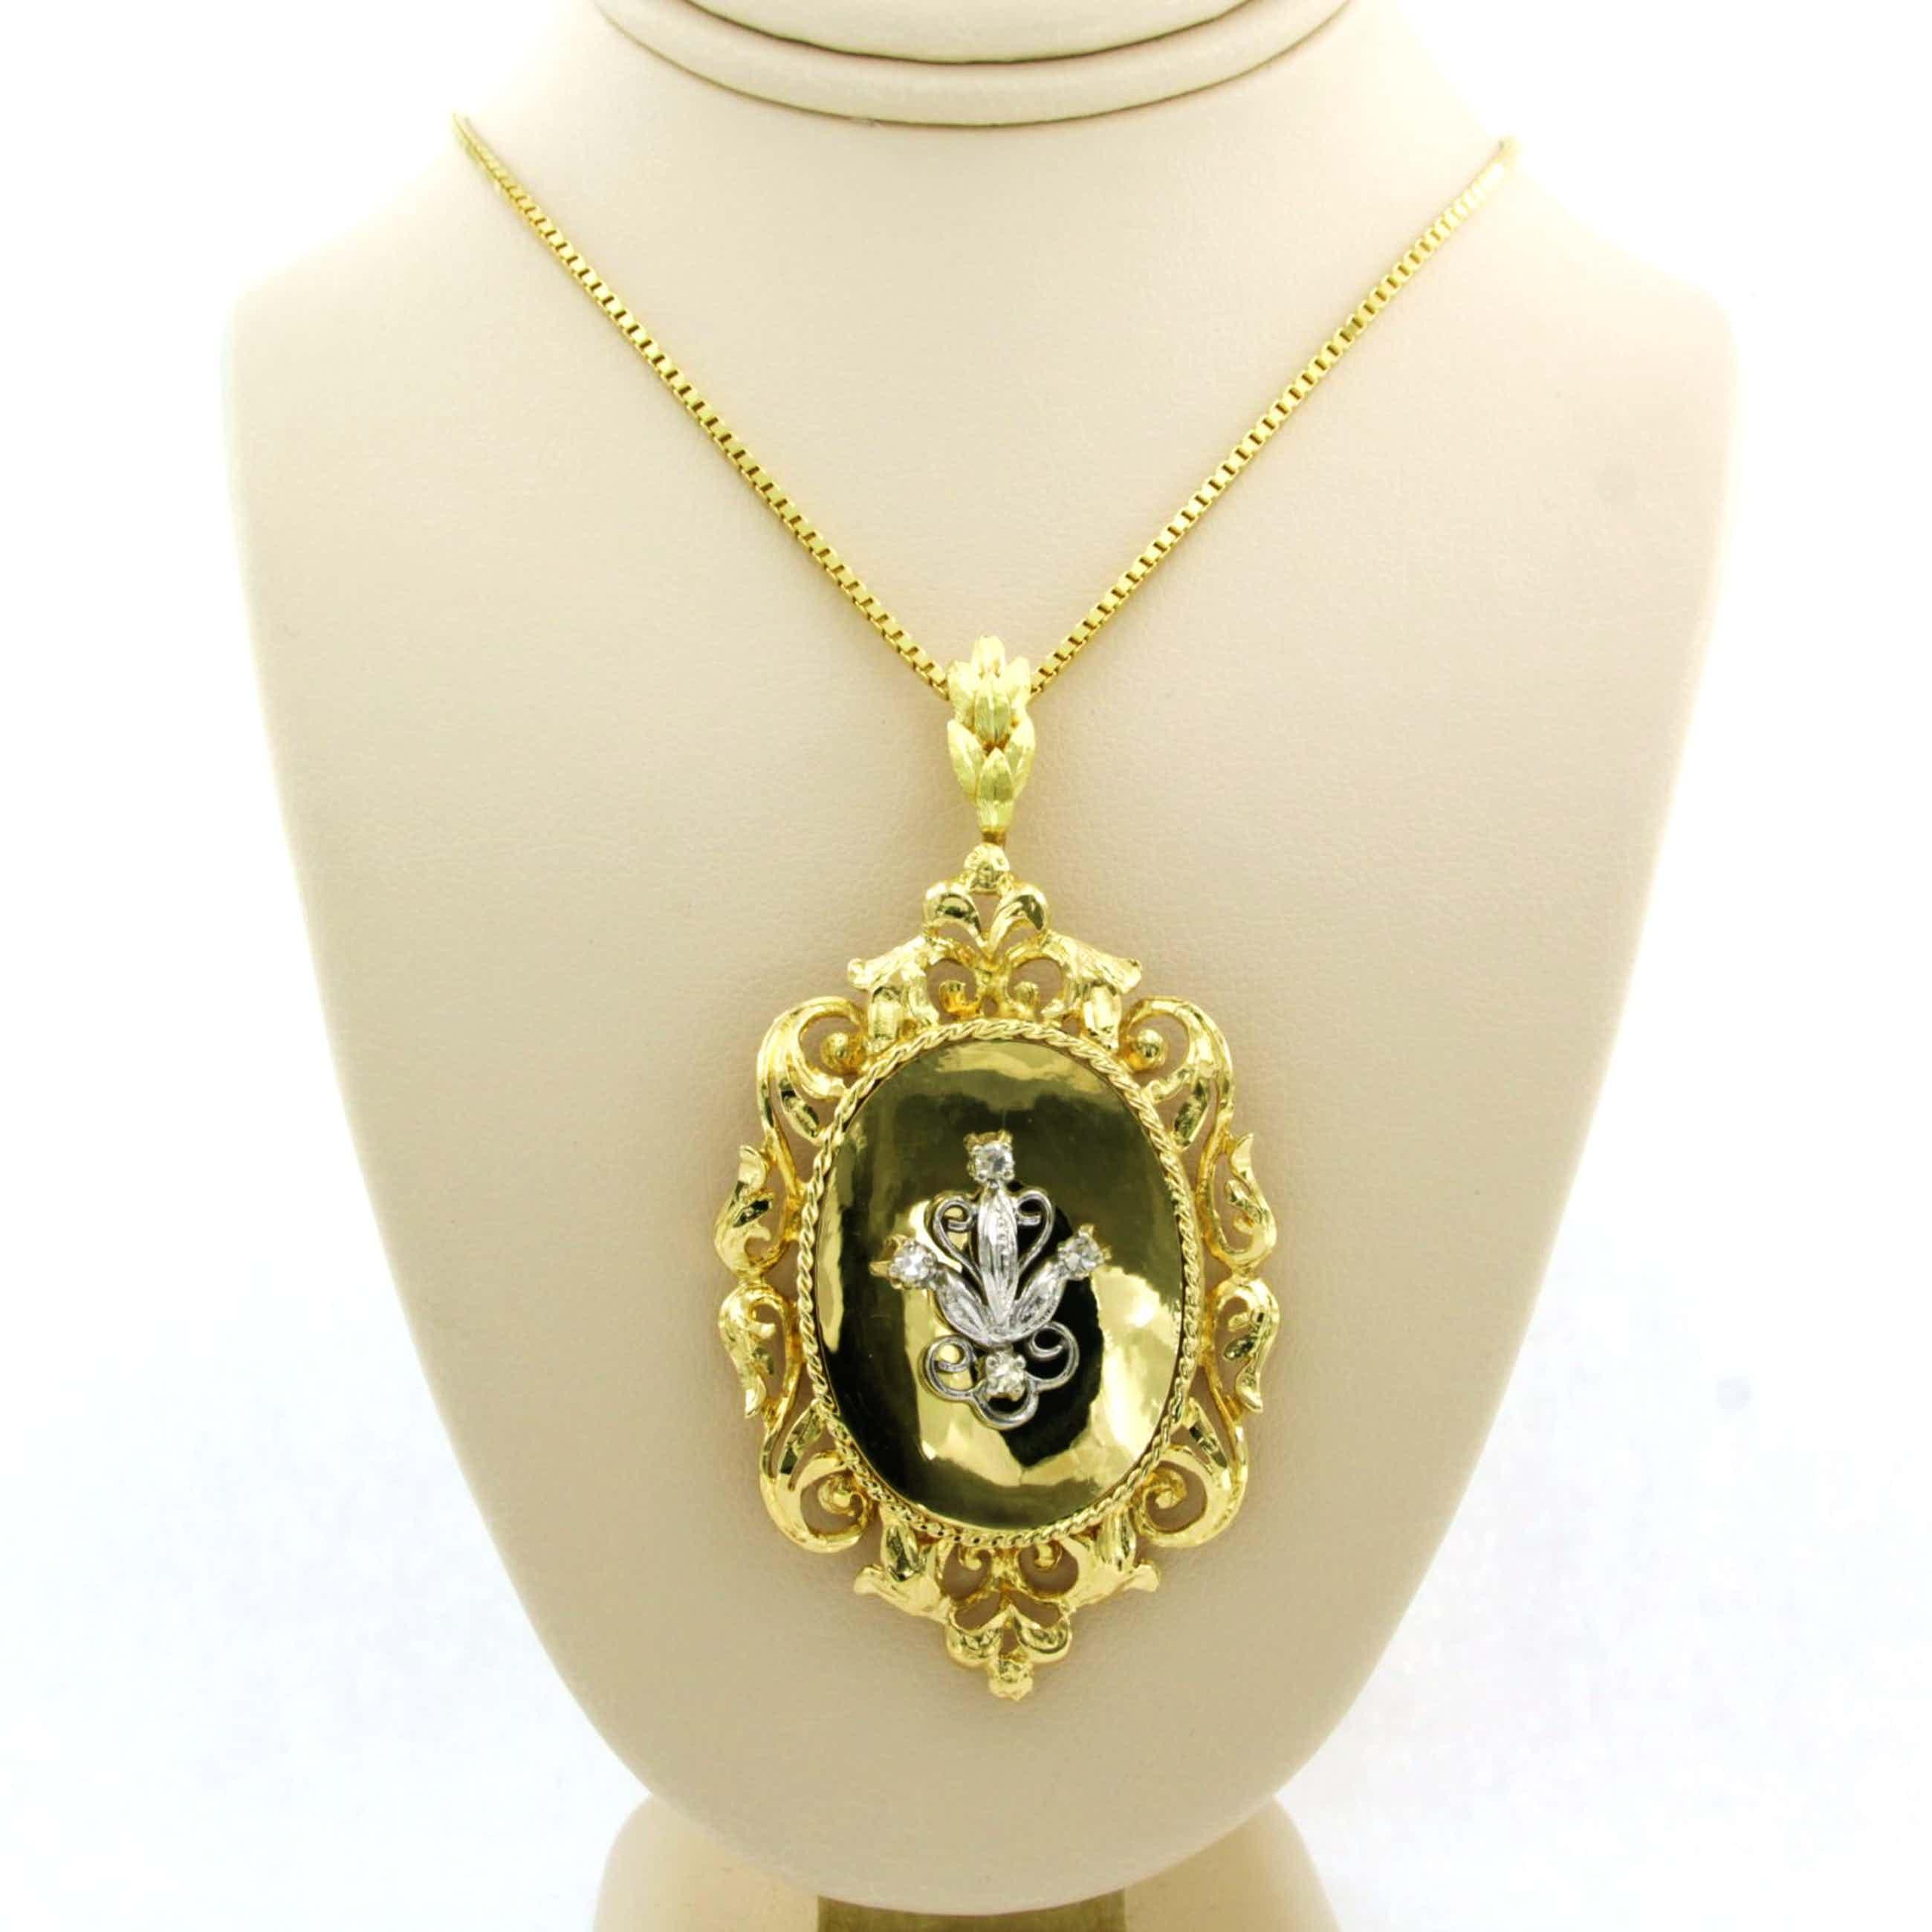 14k geel gouden collier met bicolour gouden hanger bezet met diamant kopen? Bied vanaf 625!